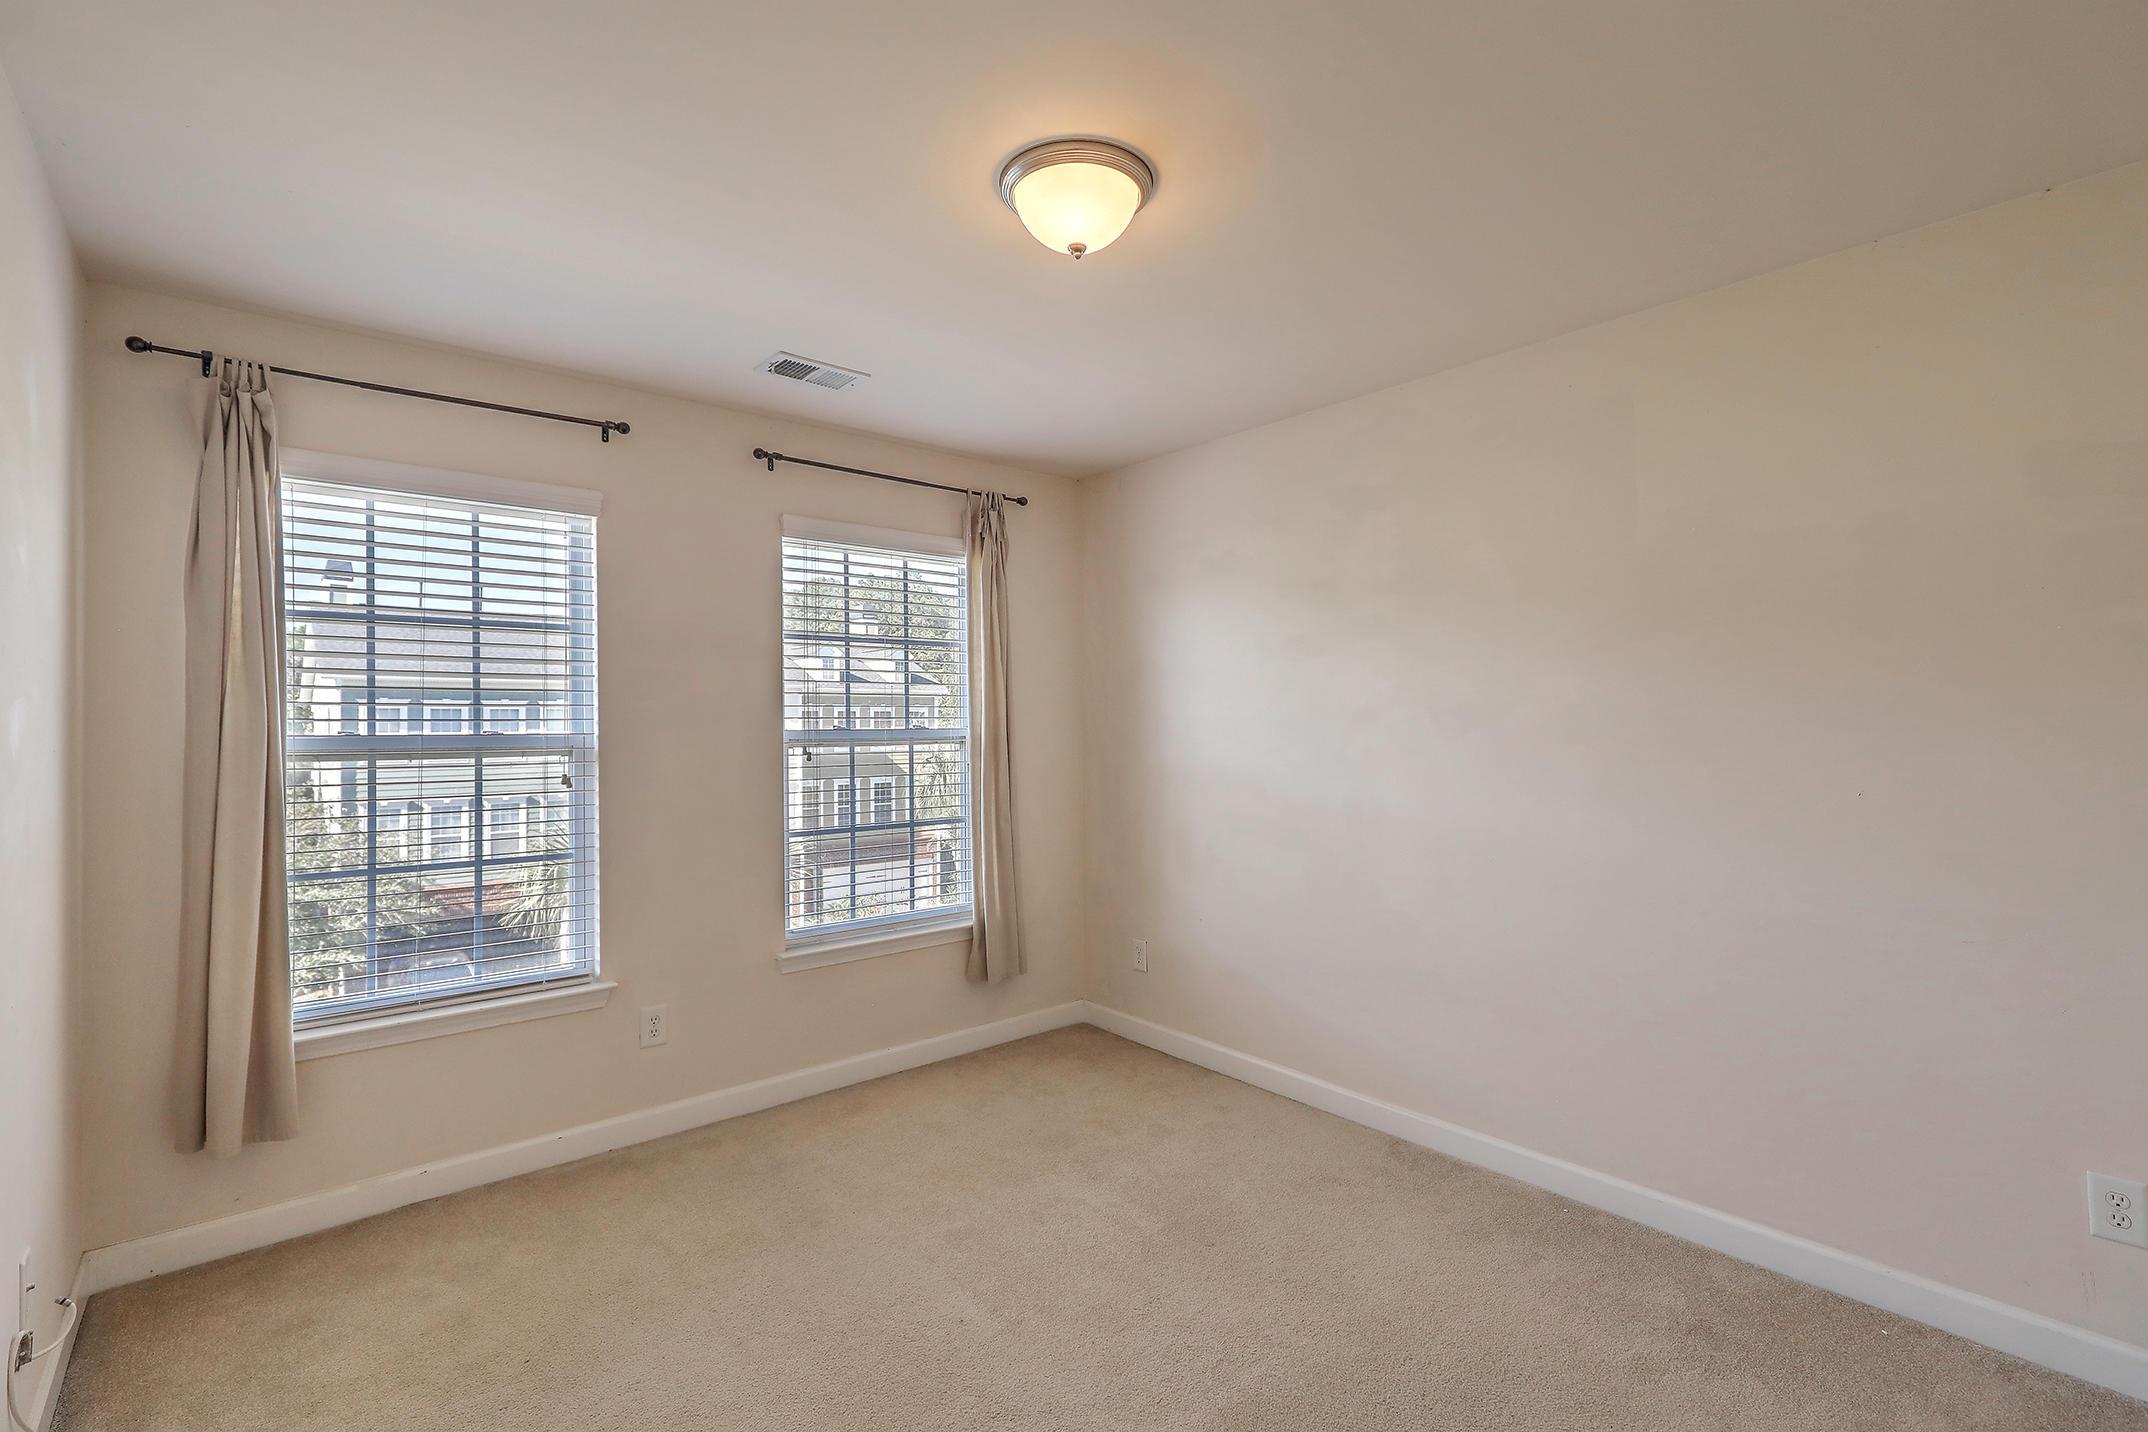 Park West Homes For Sale - 3471 Claremont, Mount Pleasant, SC - 35